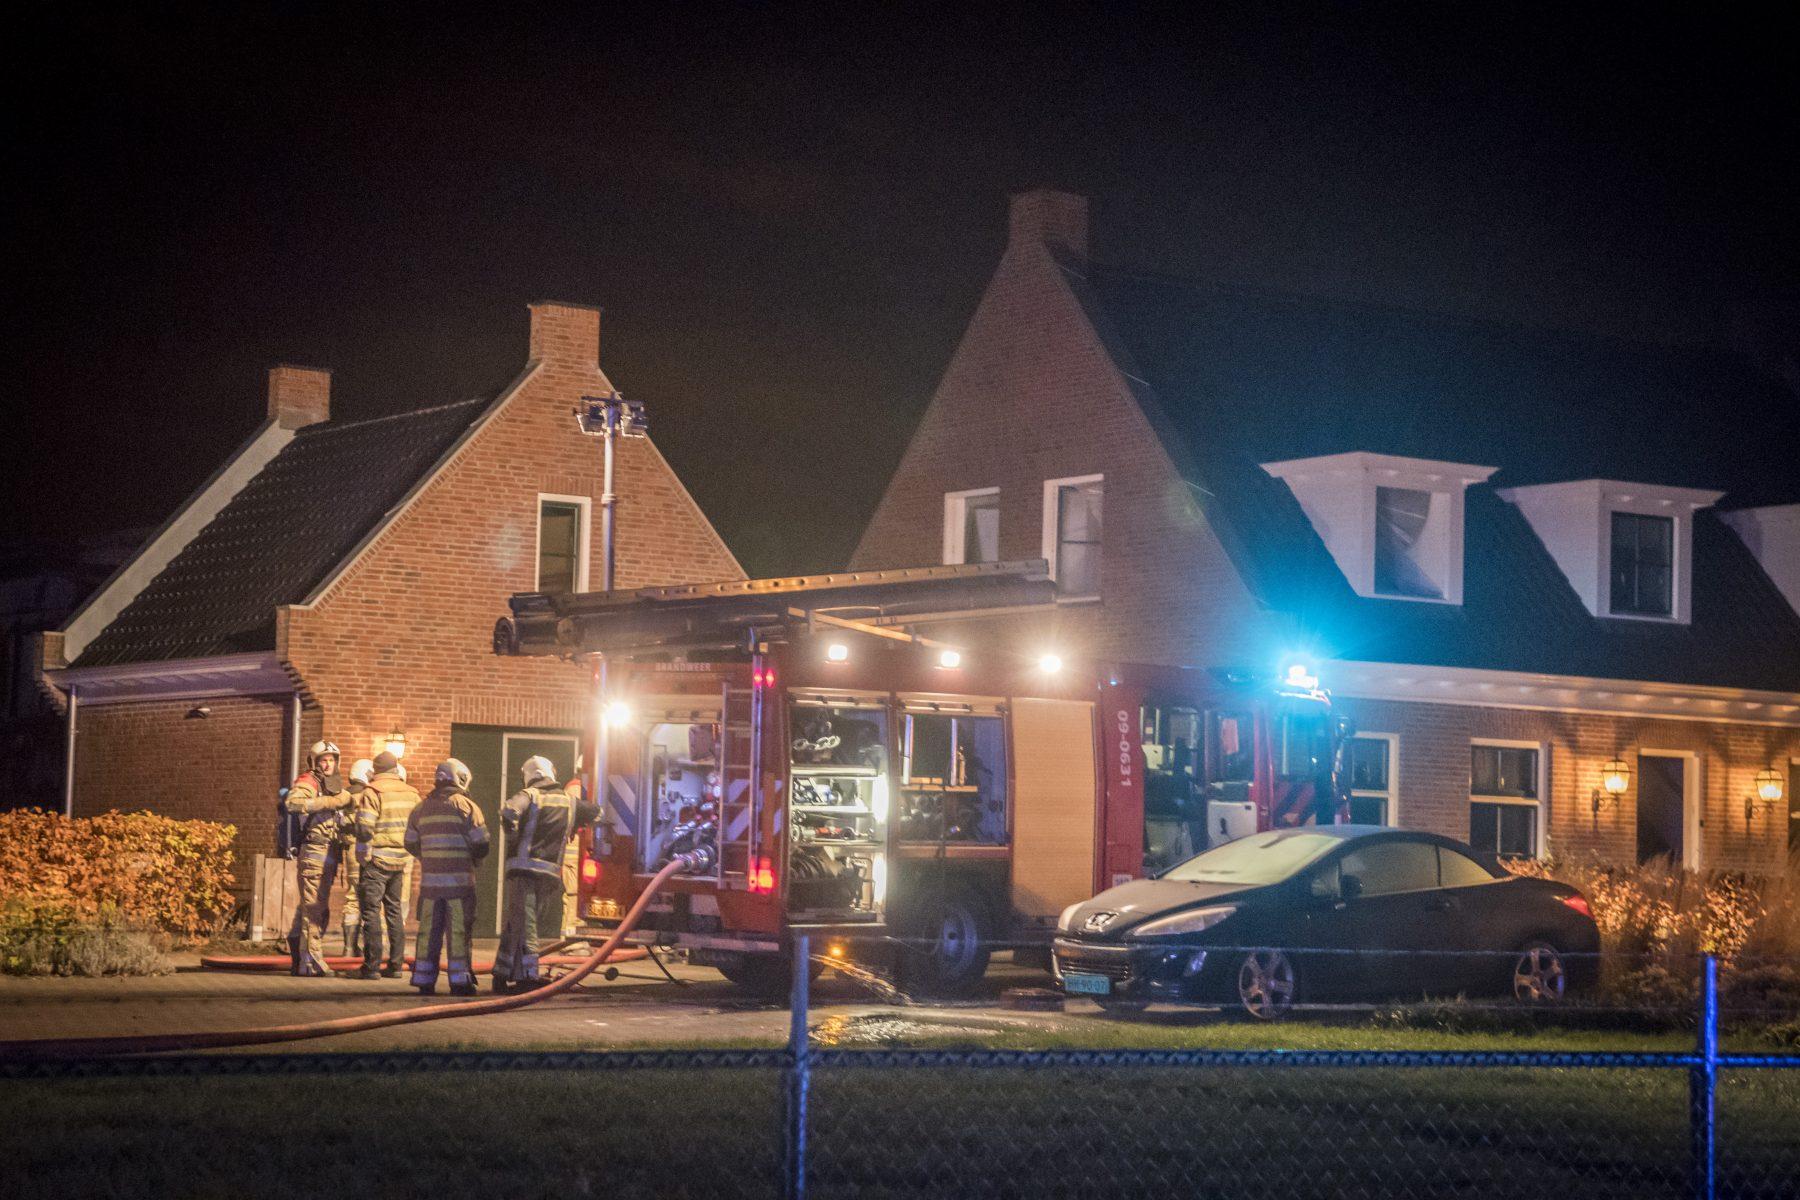 Voor vijfde keer brand bij boer in Werkhoven, nu in woonhuis